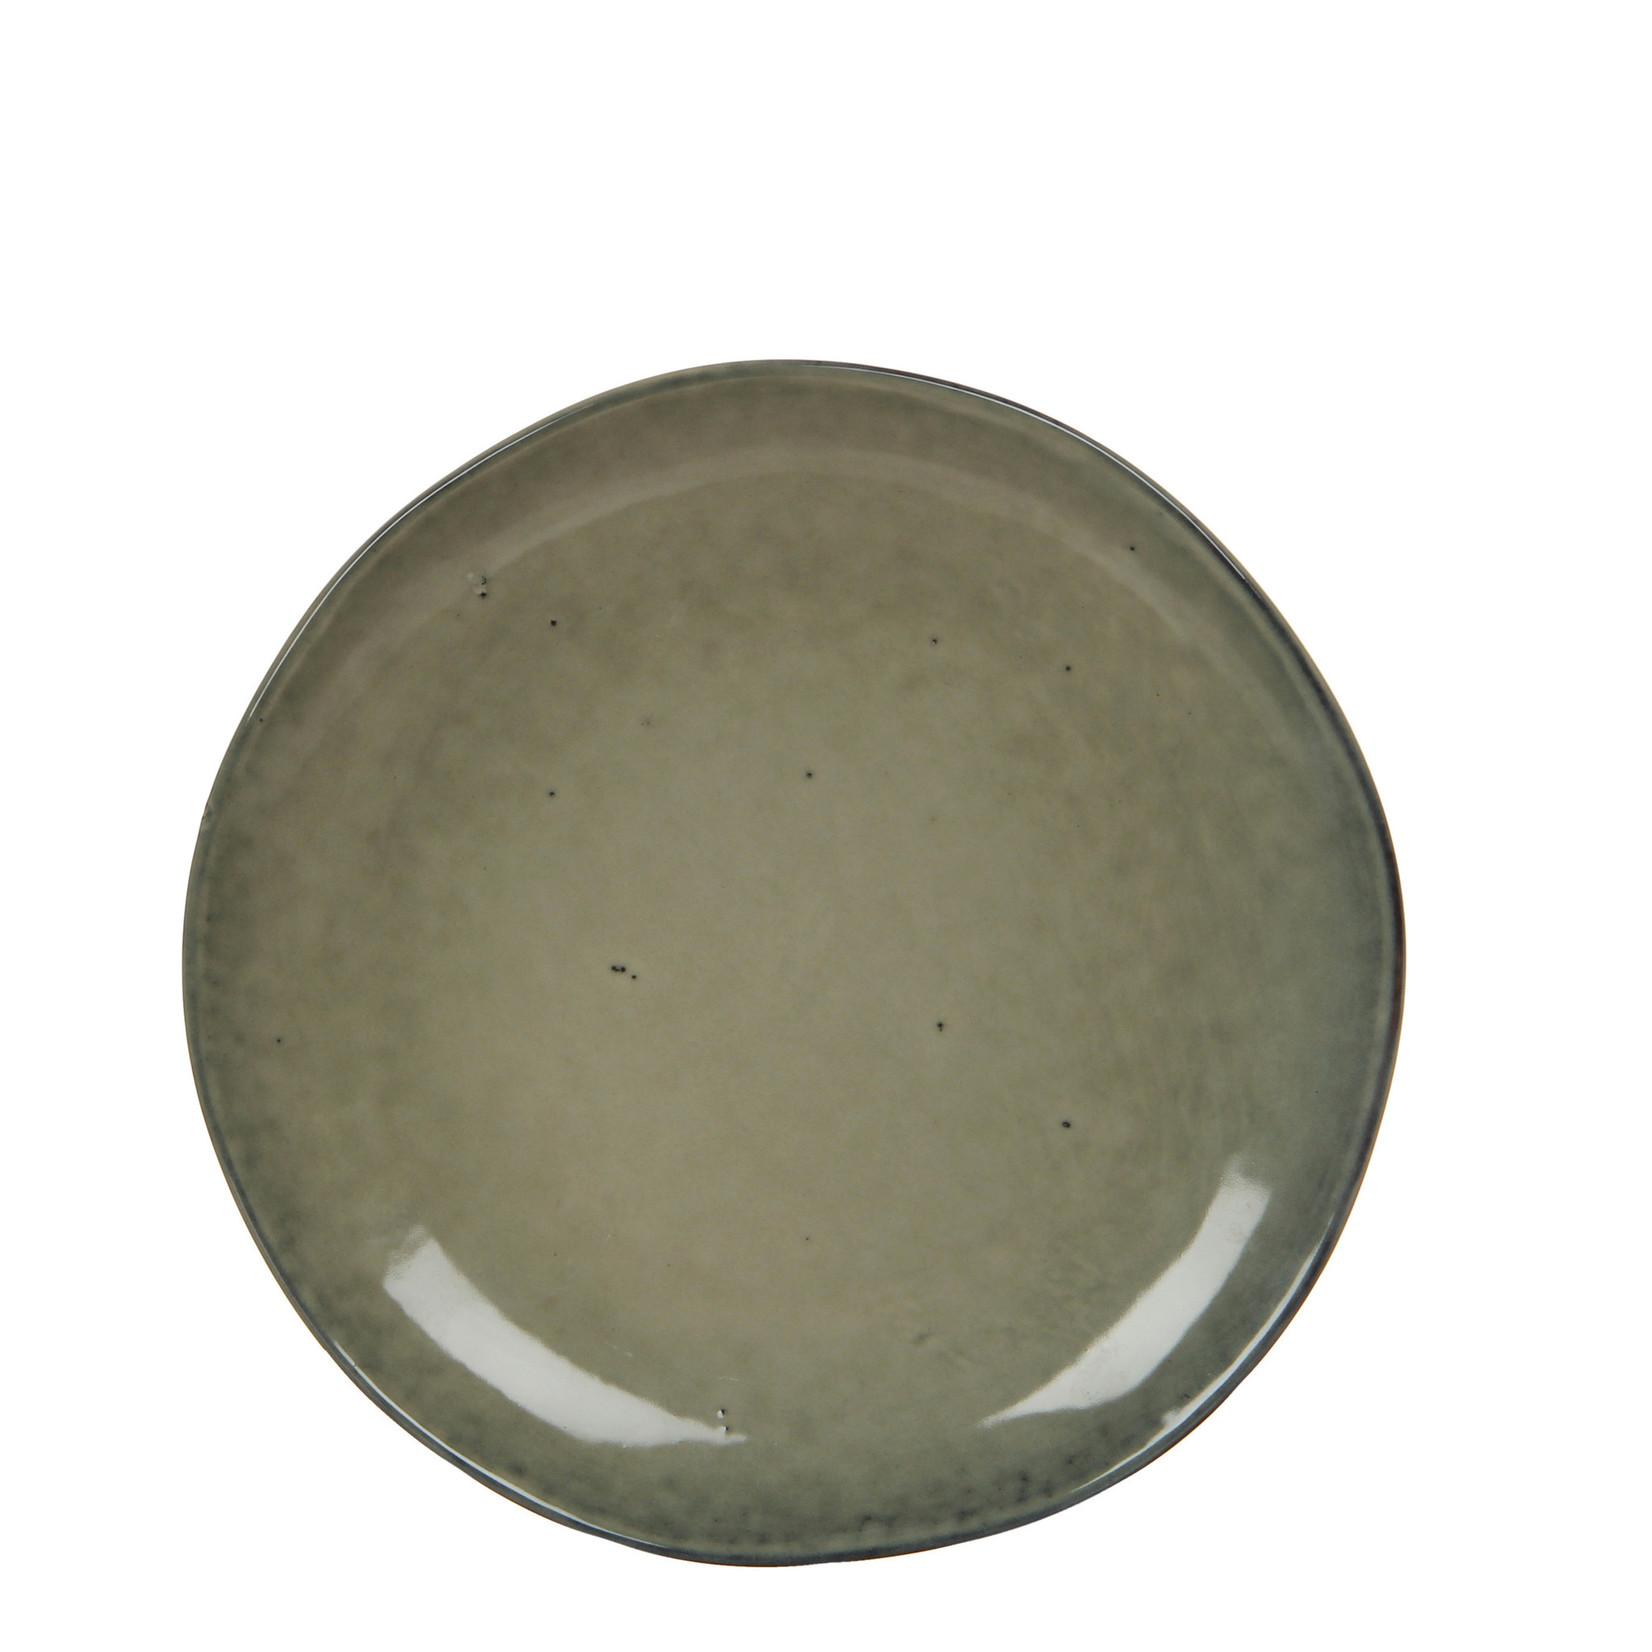 MiCa Tabo dinner plate